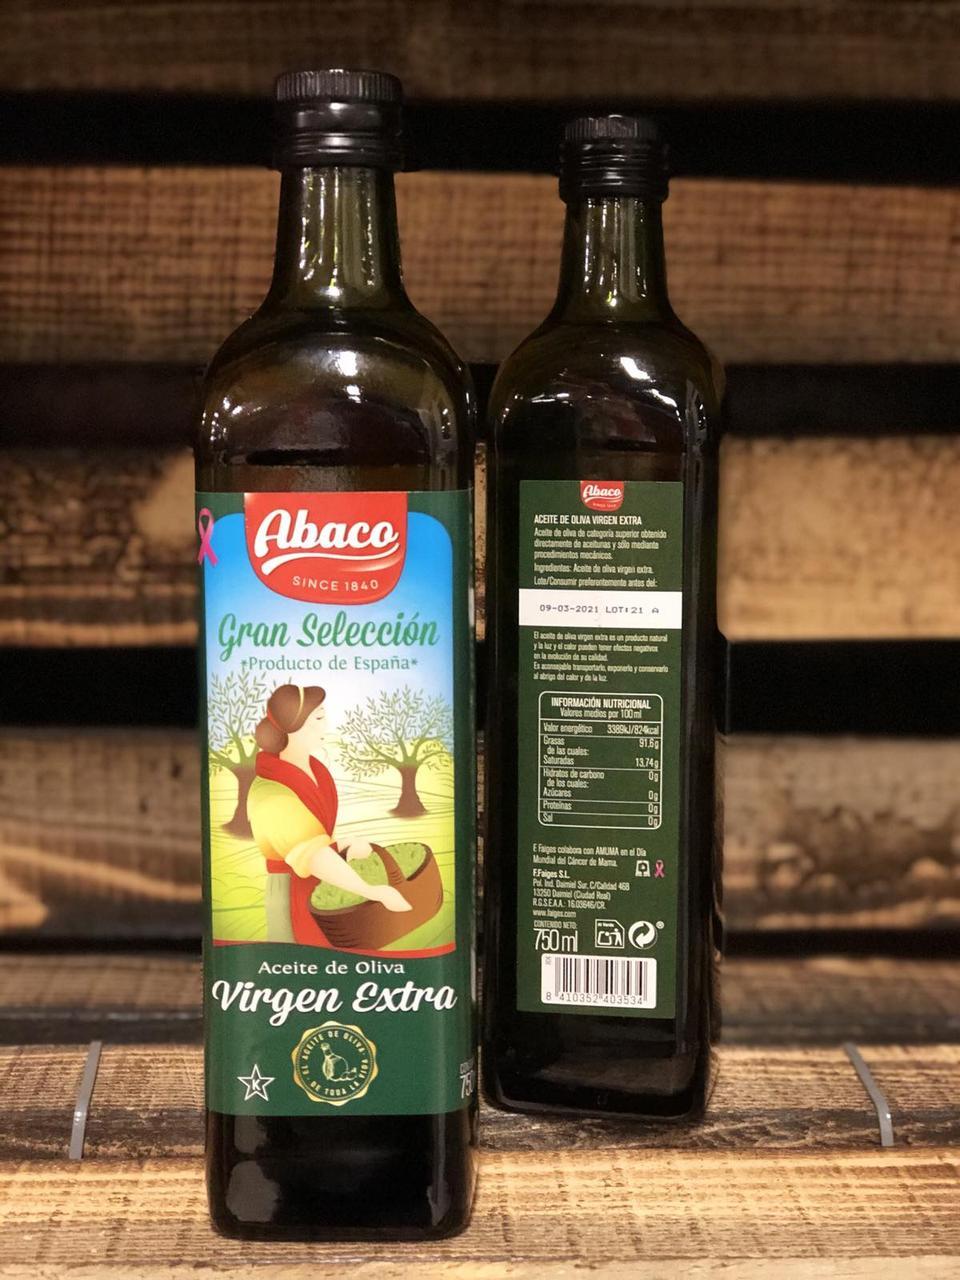 Растительное масло Abaca Gran Seleccion 750мл